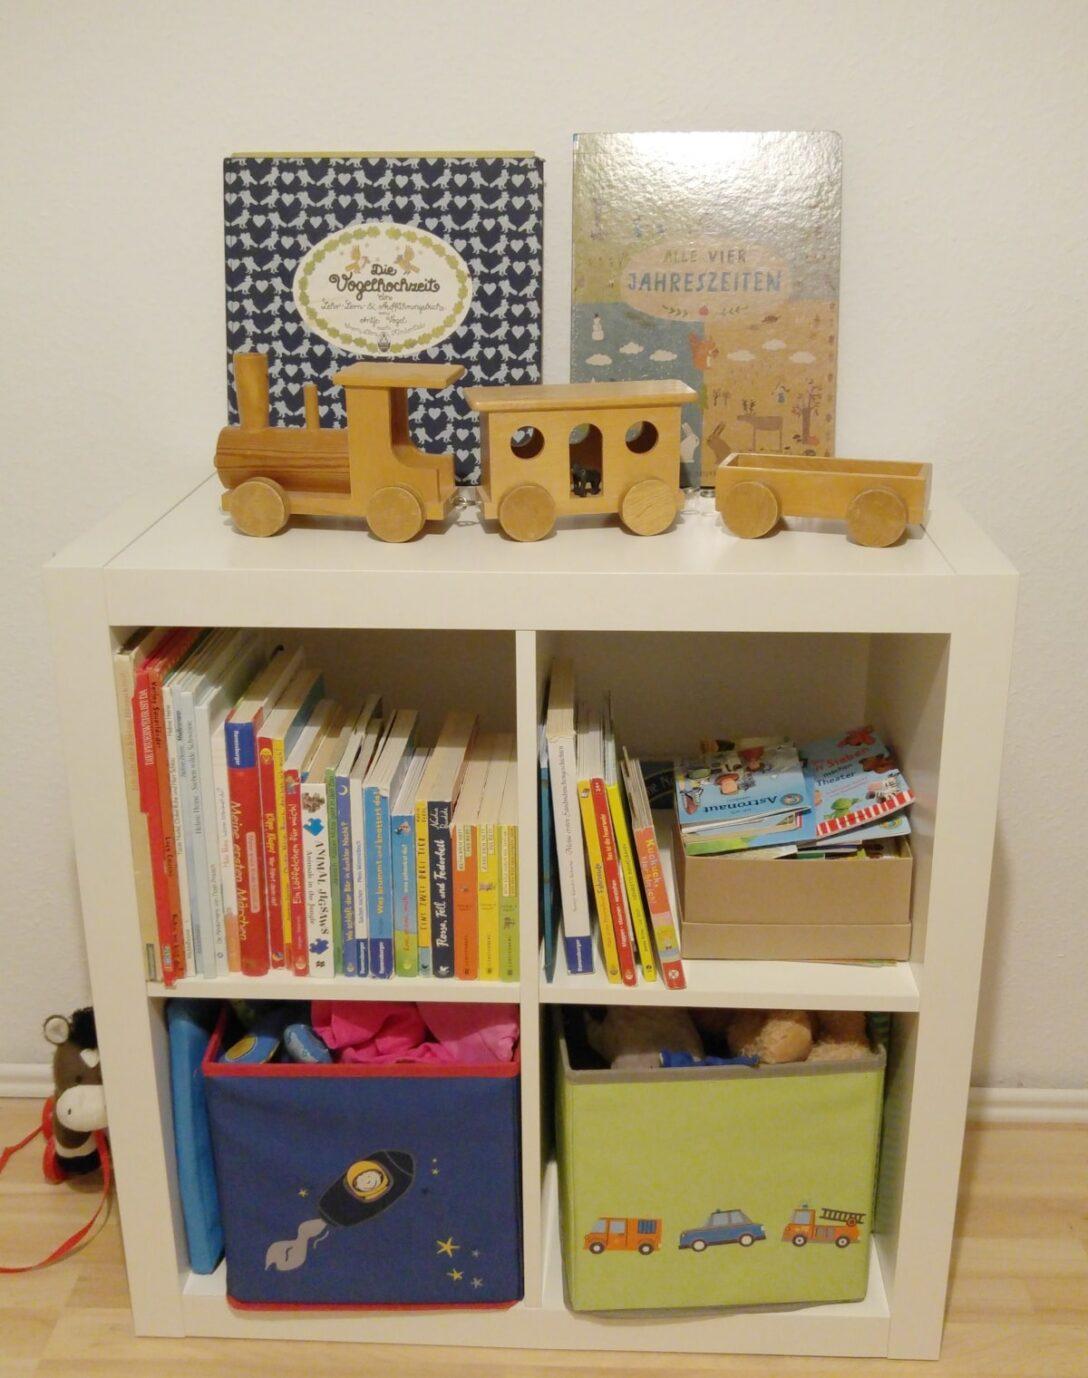 Large Size of Kinderzimmer Bücherregal Spielzeug Nachhaltig Schenken Kriterien Fr Auswahl Regale Regal Weiß Sofa Kinderzimmer Kinderzimmer Bücherregal